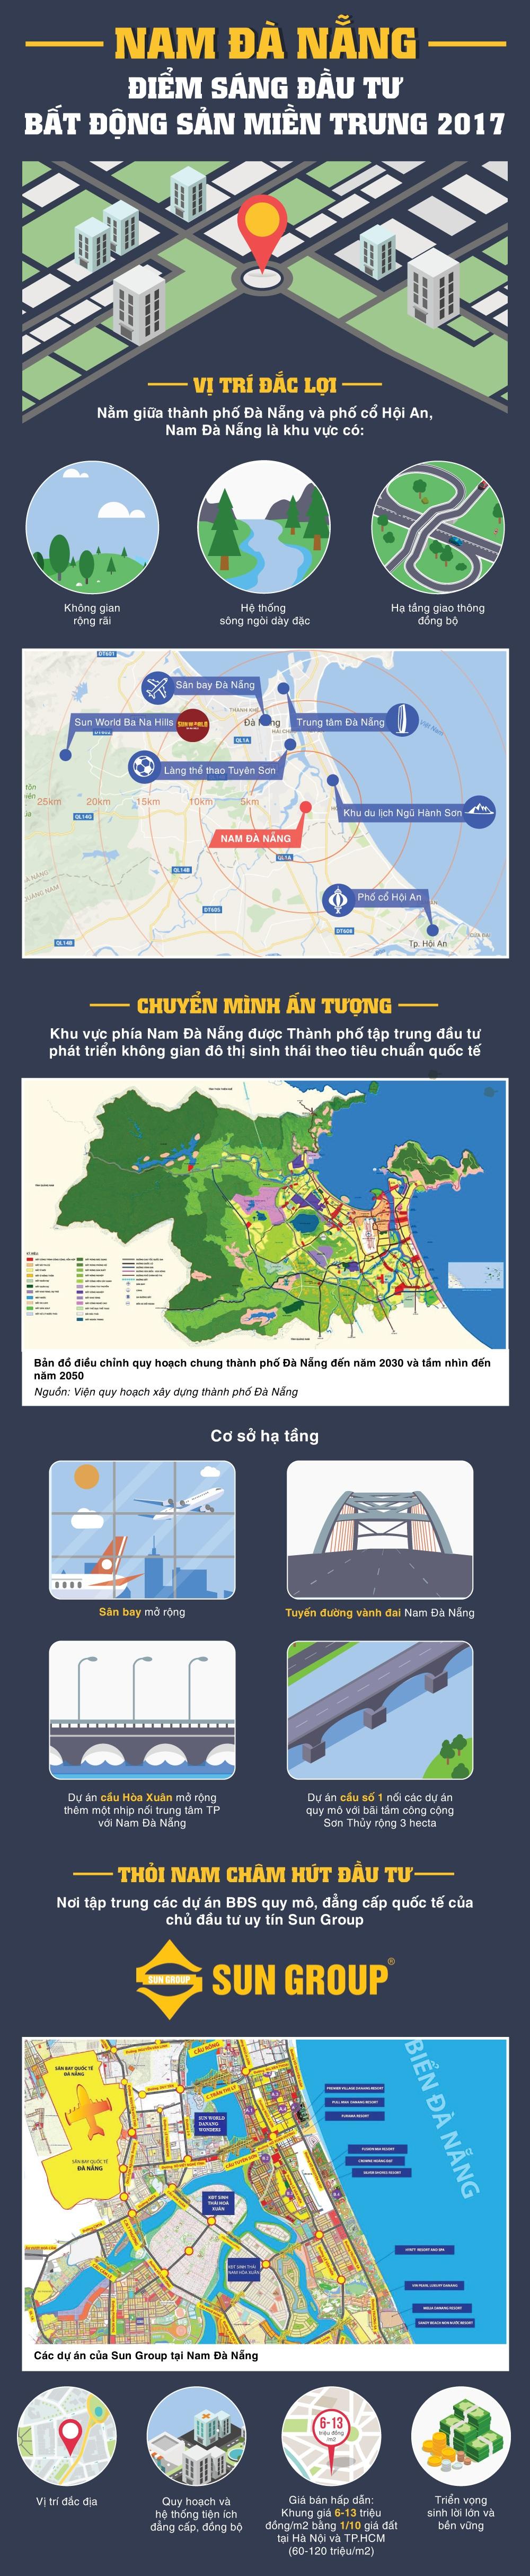 5 yếu tố tạo sóng trên thị trường BĐS Nam Đà Nẵng